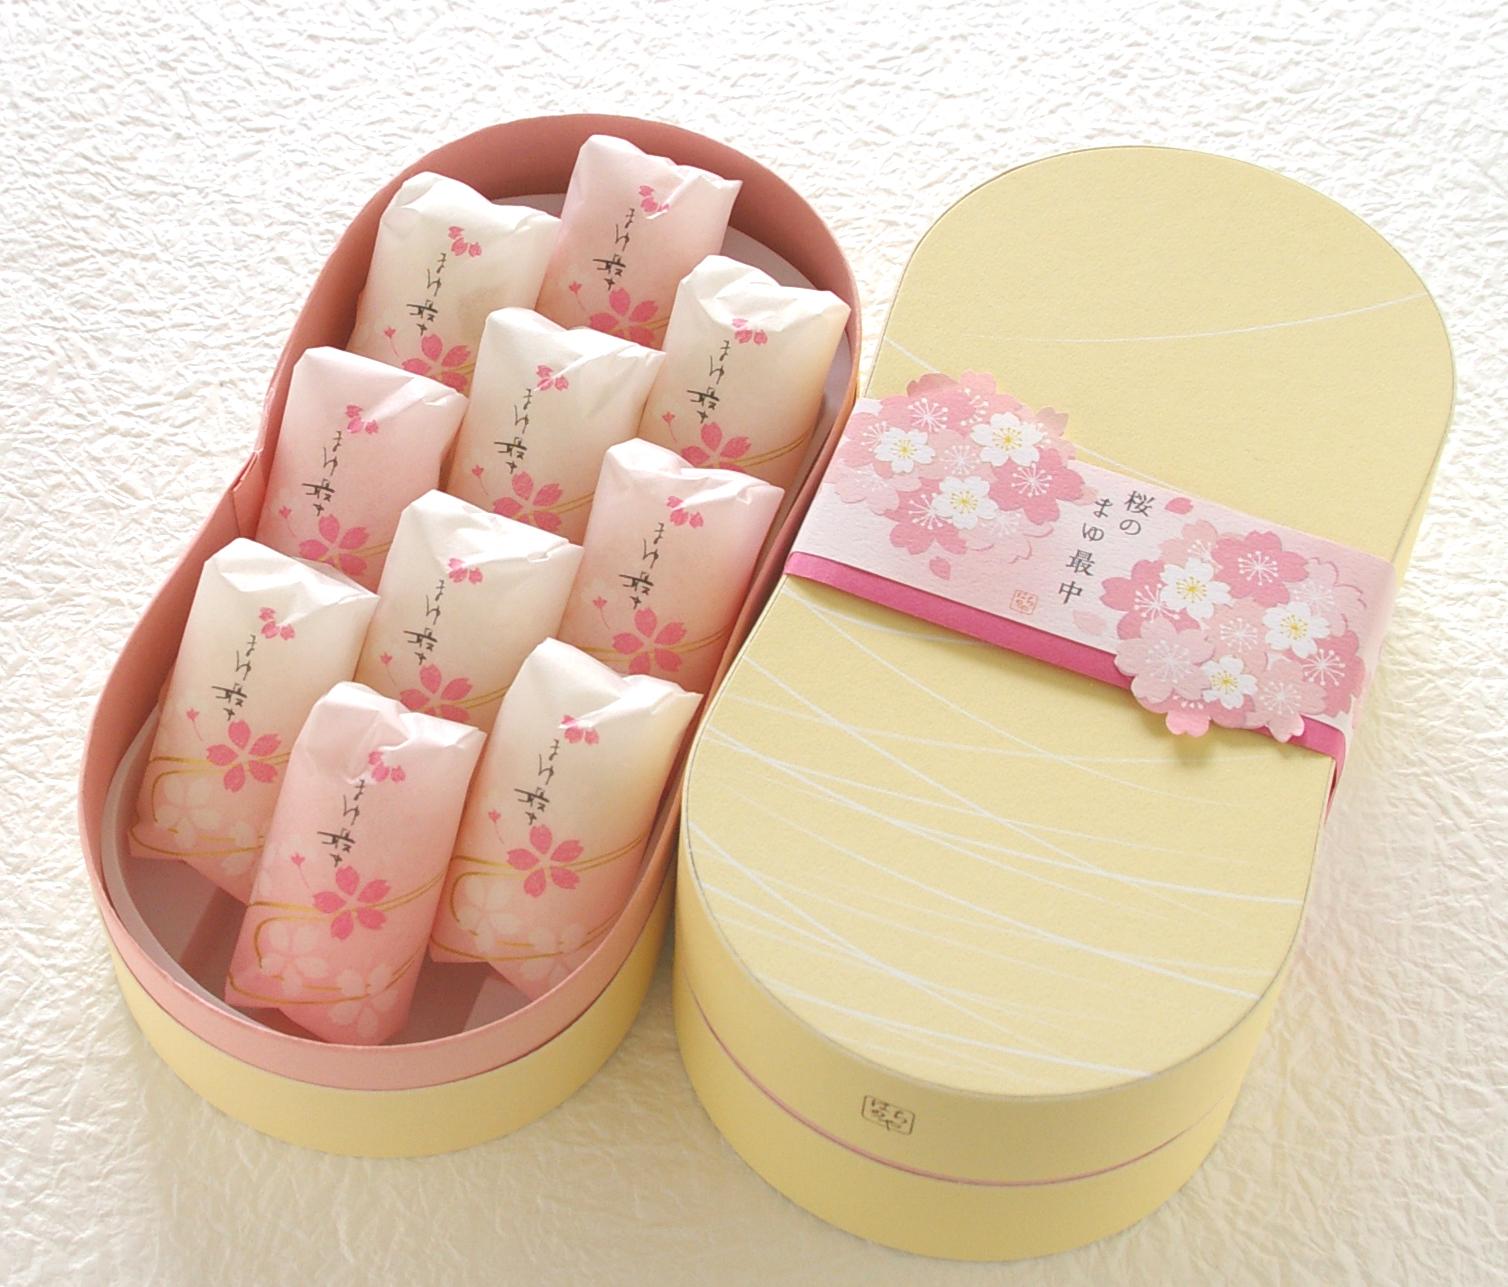 【期間限定】 桜のまゆ最中 10個入